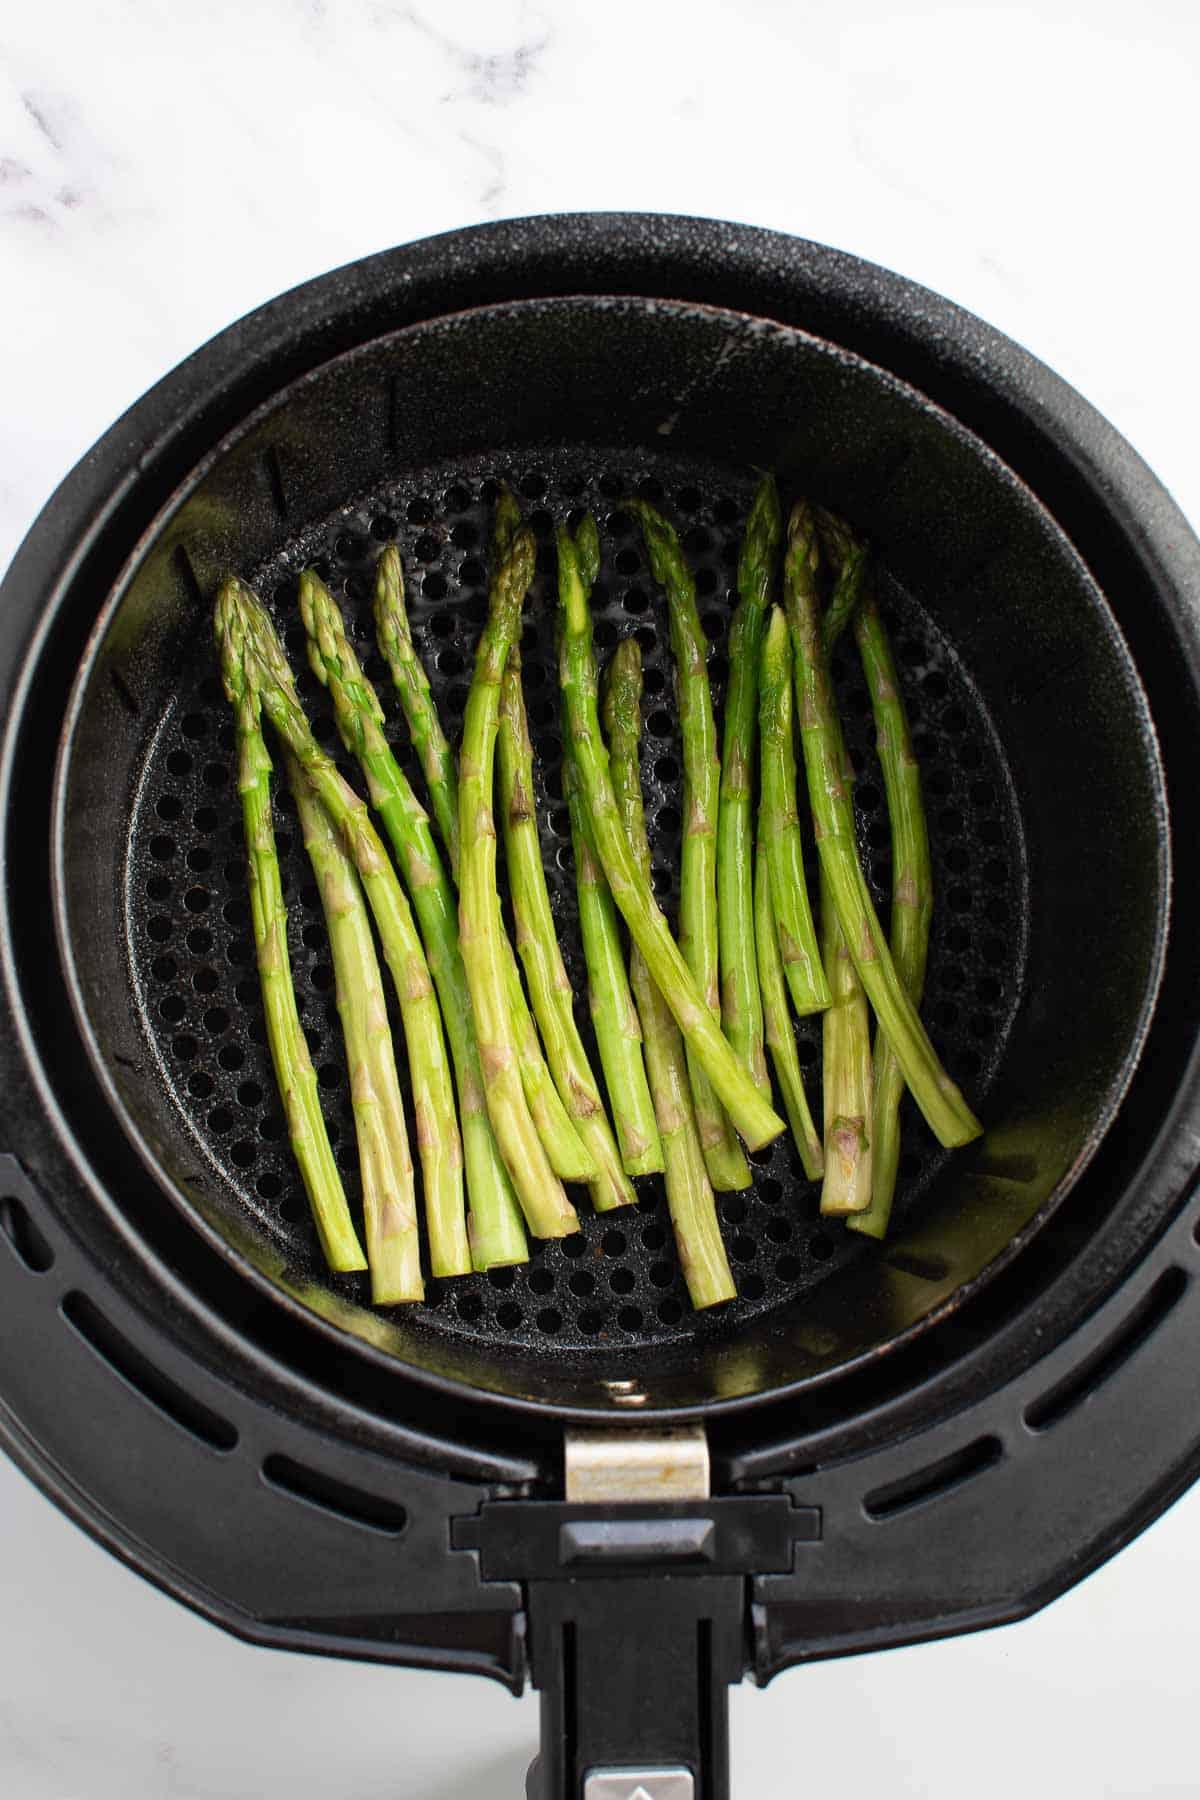 Asparagus in an air fryer.